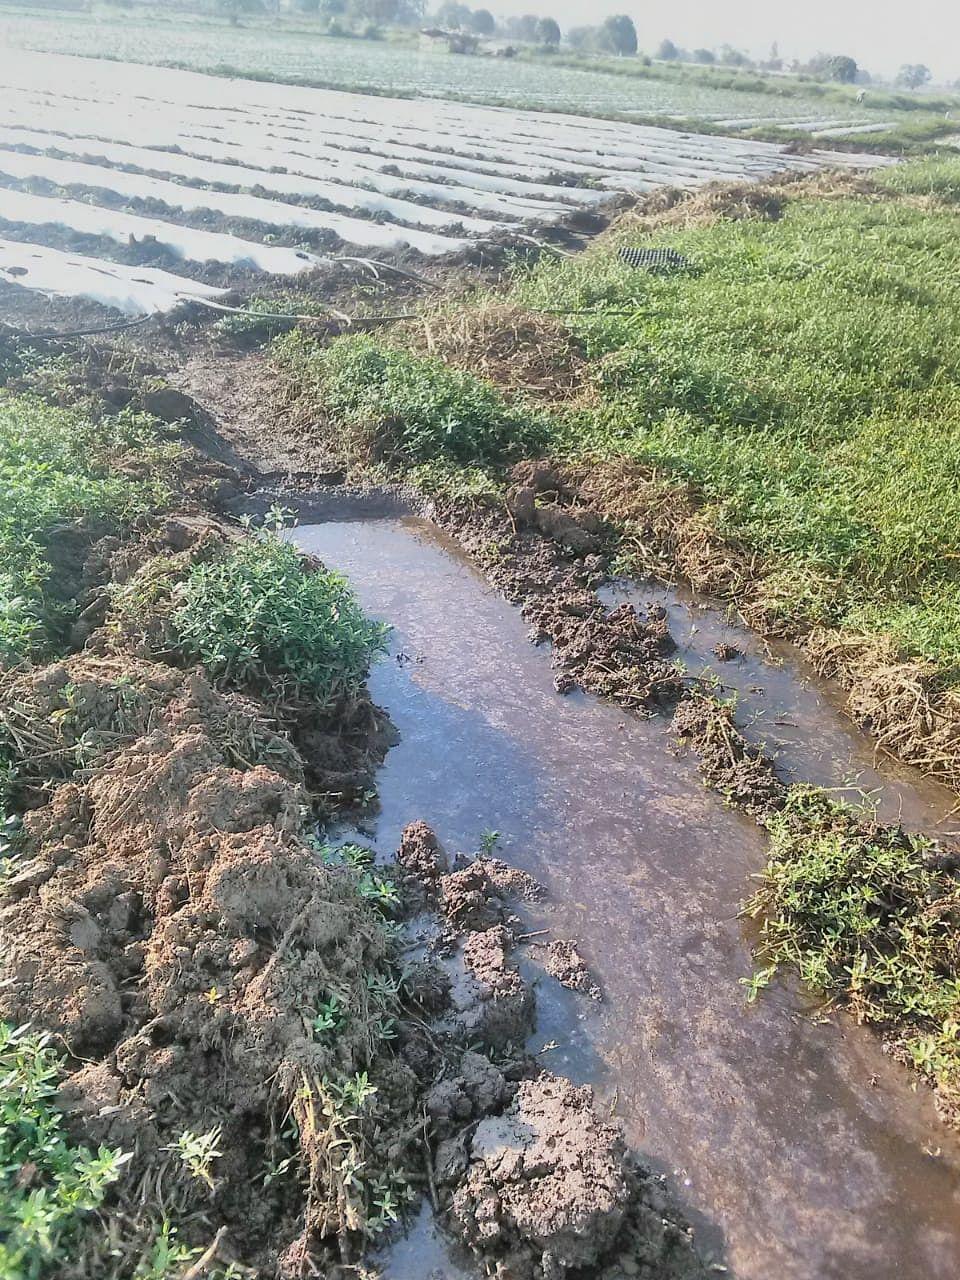 आवर्तनाचे पाणी फुगवटा तोडून थेट शेतात; दारणा नदीपात्रालगत पिके नष्ट होण्याची भीती